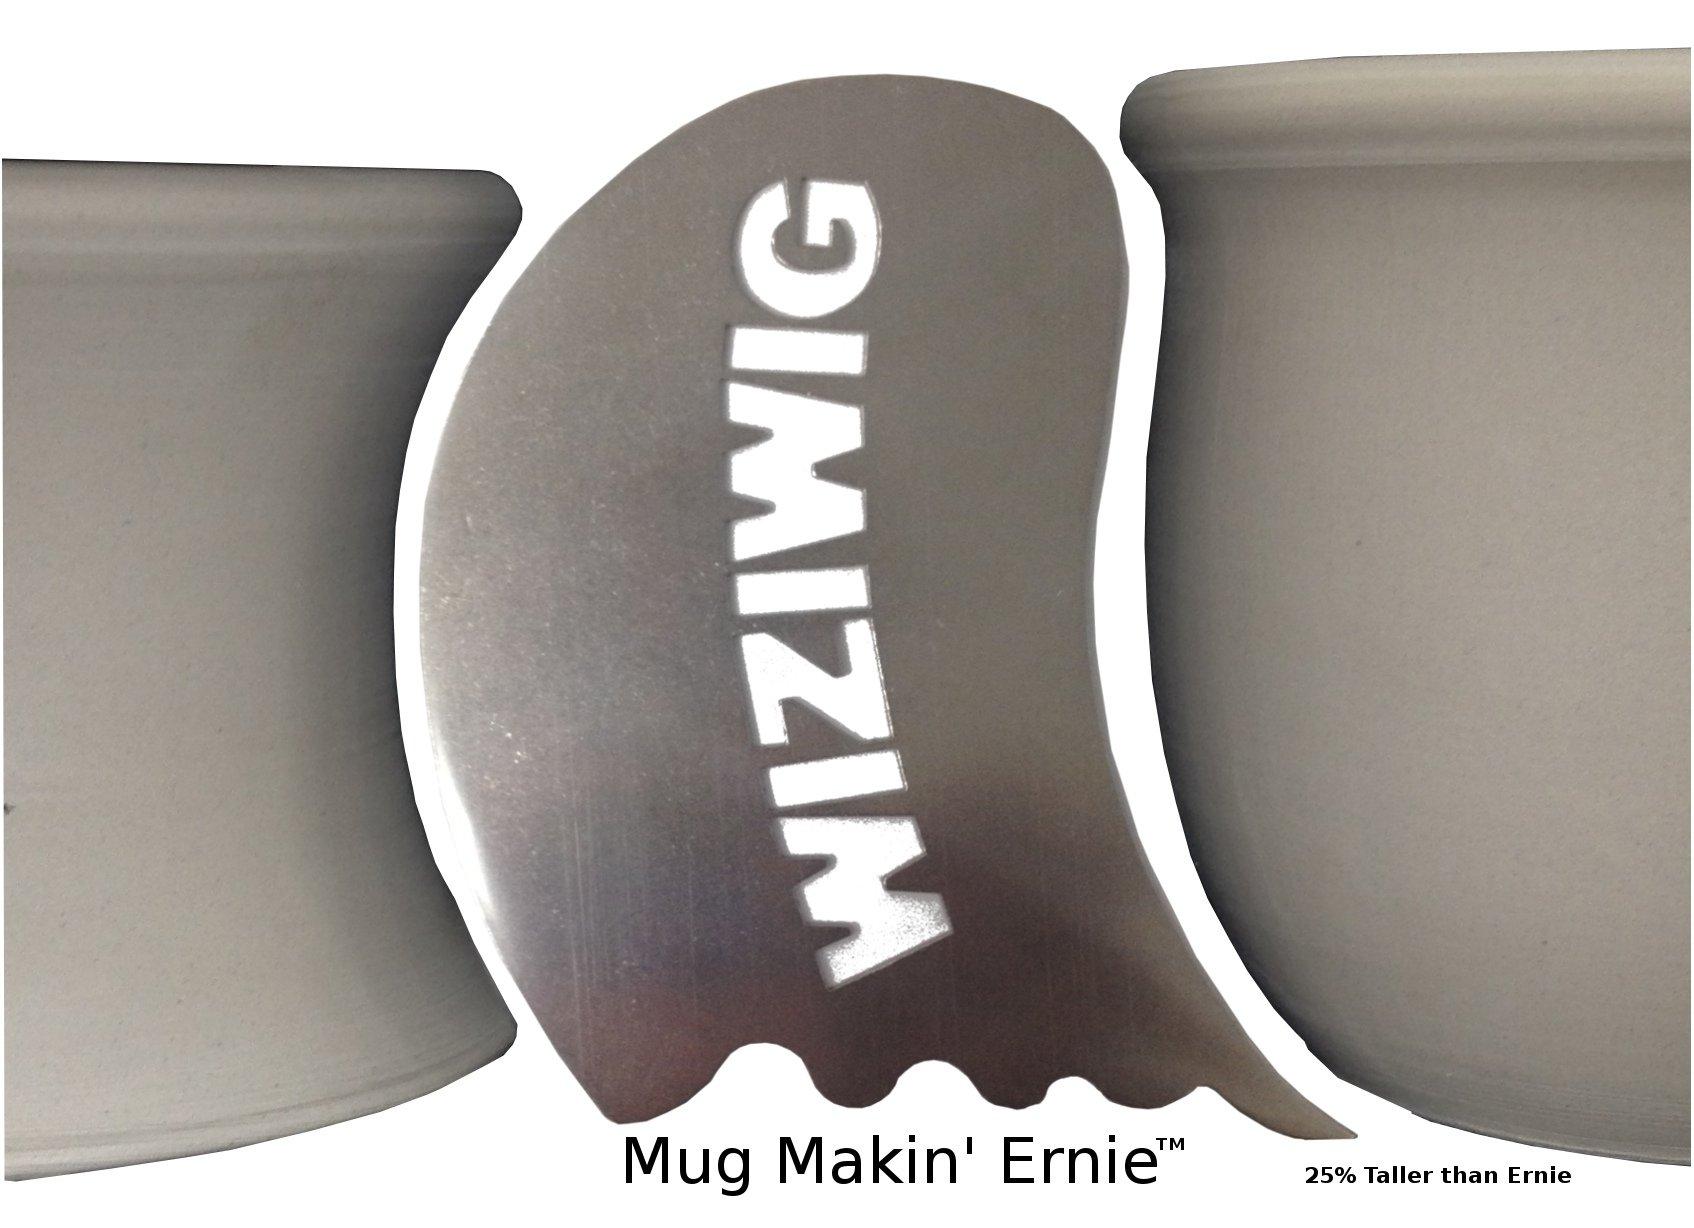 Mug Makin' Ernie by WiziWig Tools